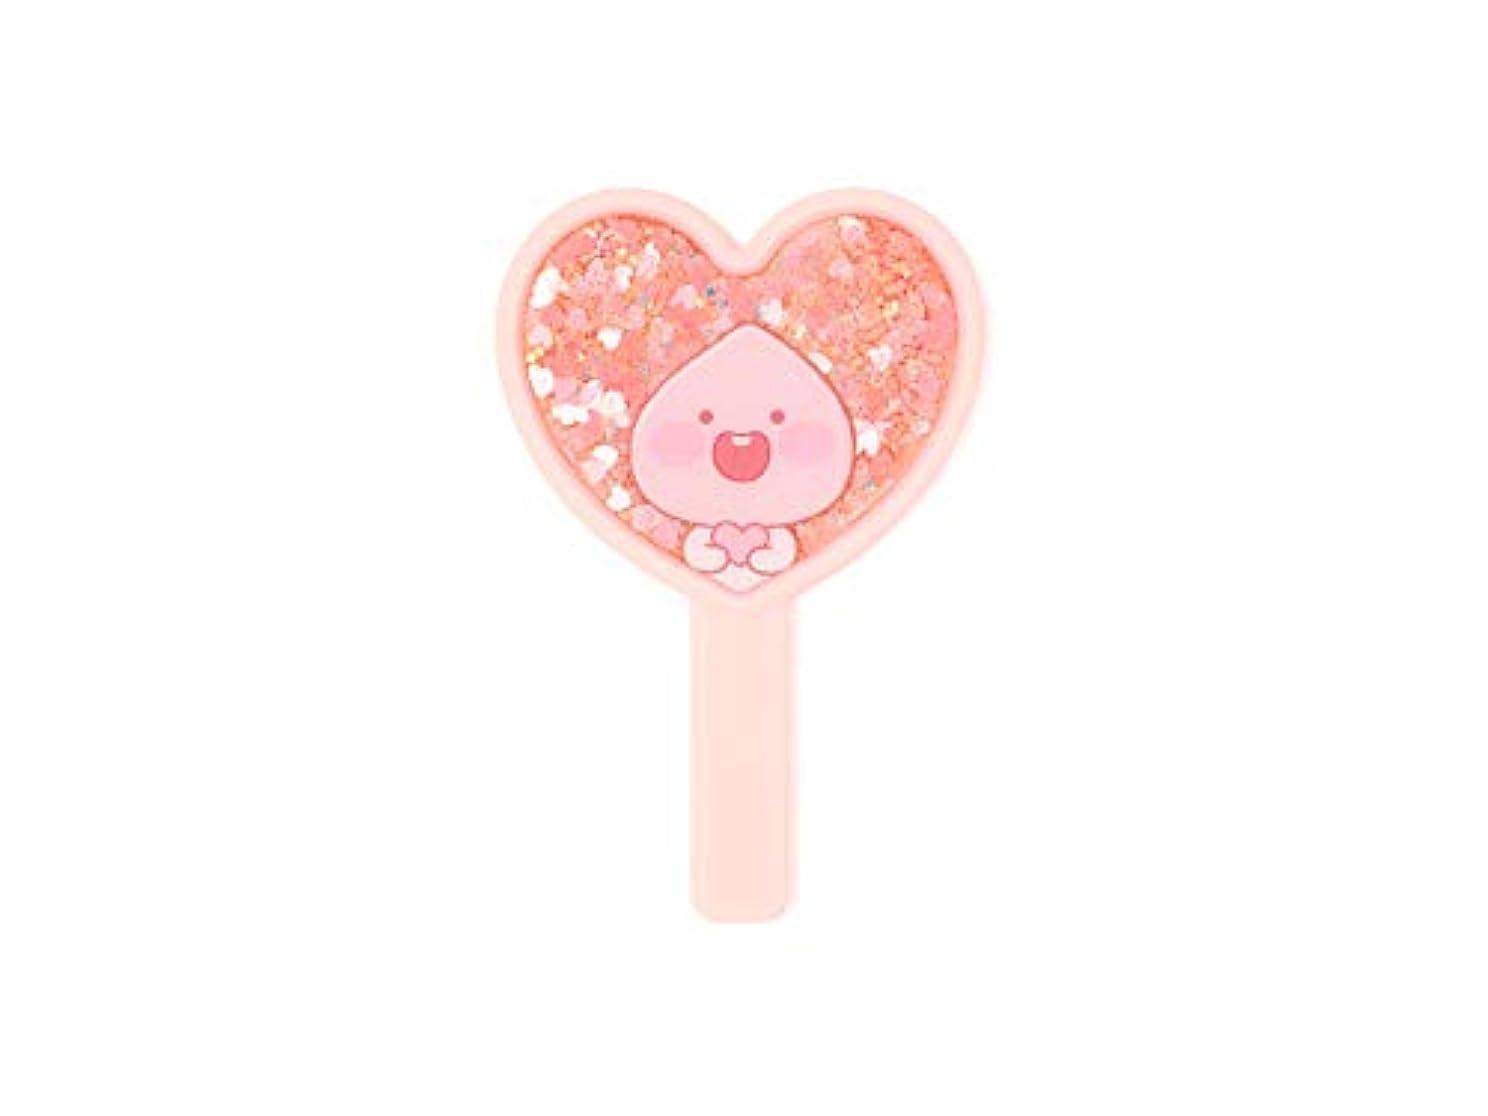 チャーミング再生消去[オフィシャル] カカオフレンズ – ラブリーアピーチ グリッターミラー (ピンク) KAKAO FRIENDS - Lovely Apeach Glitter Mirror (Pink)